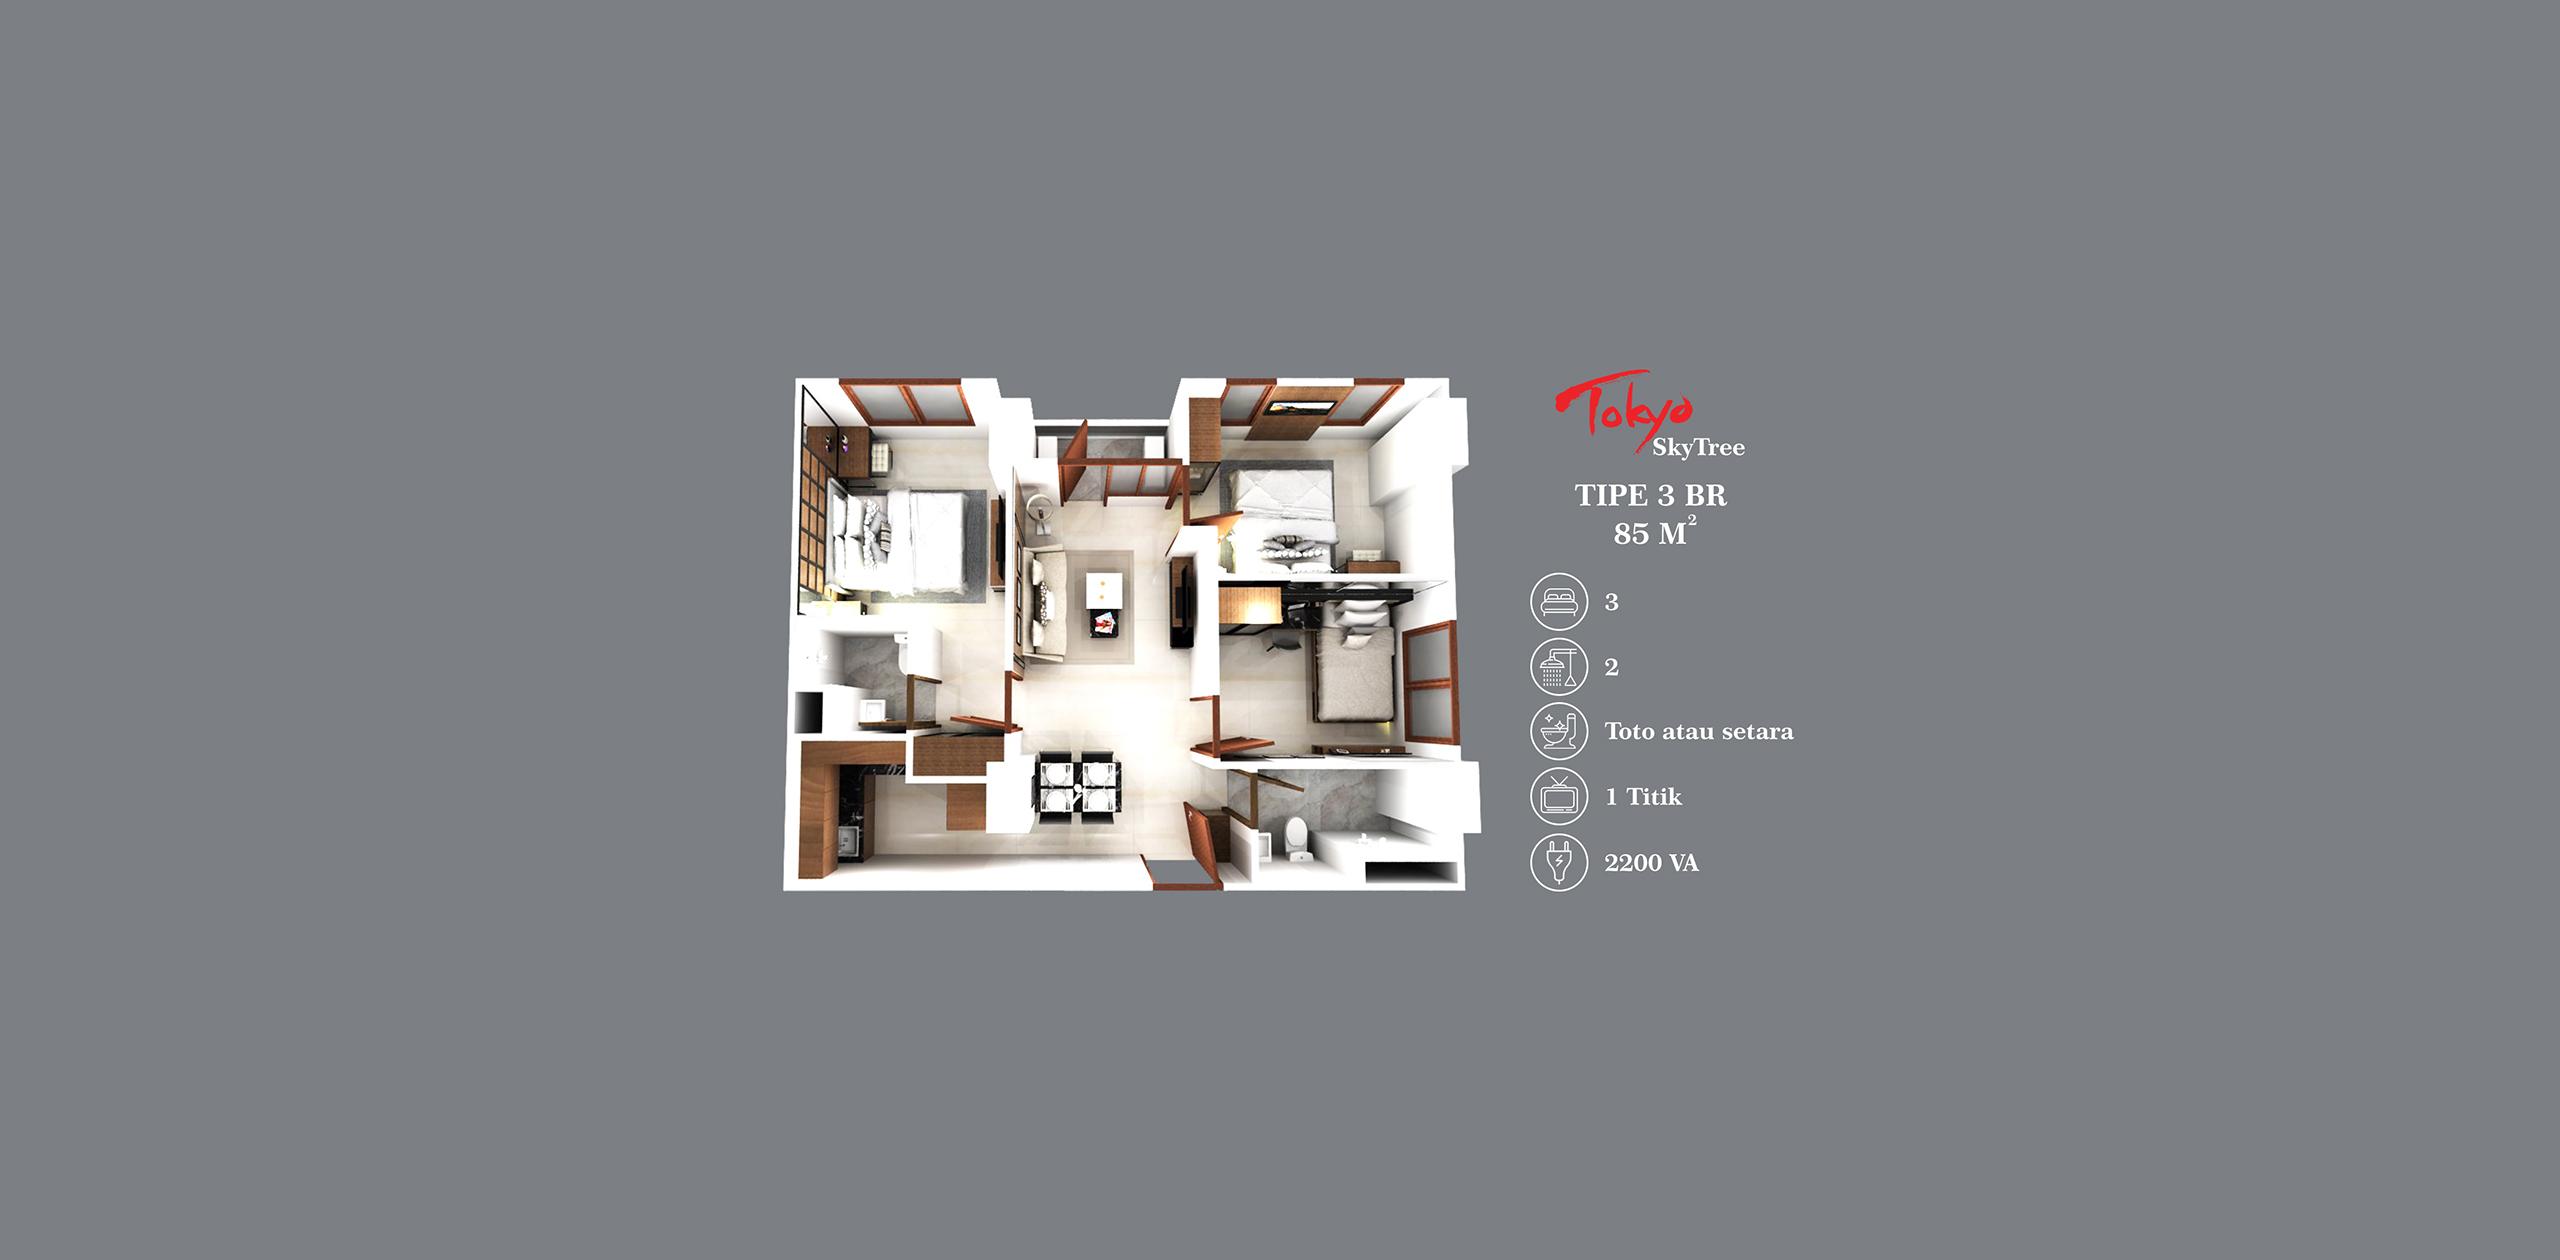 Pik2 - Tokyo Skytree - 3BR